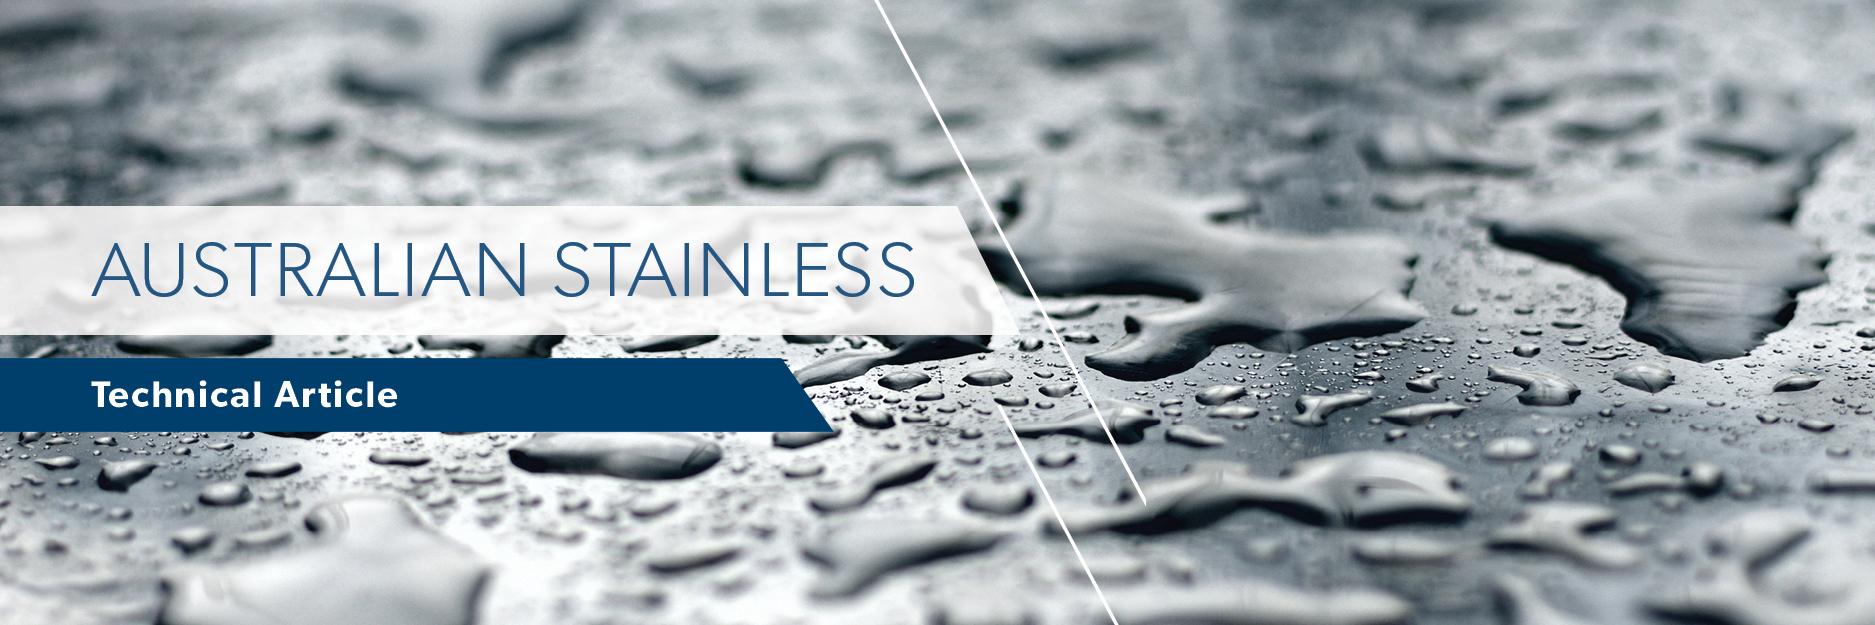 Alternative stainless steel grades - Part 1